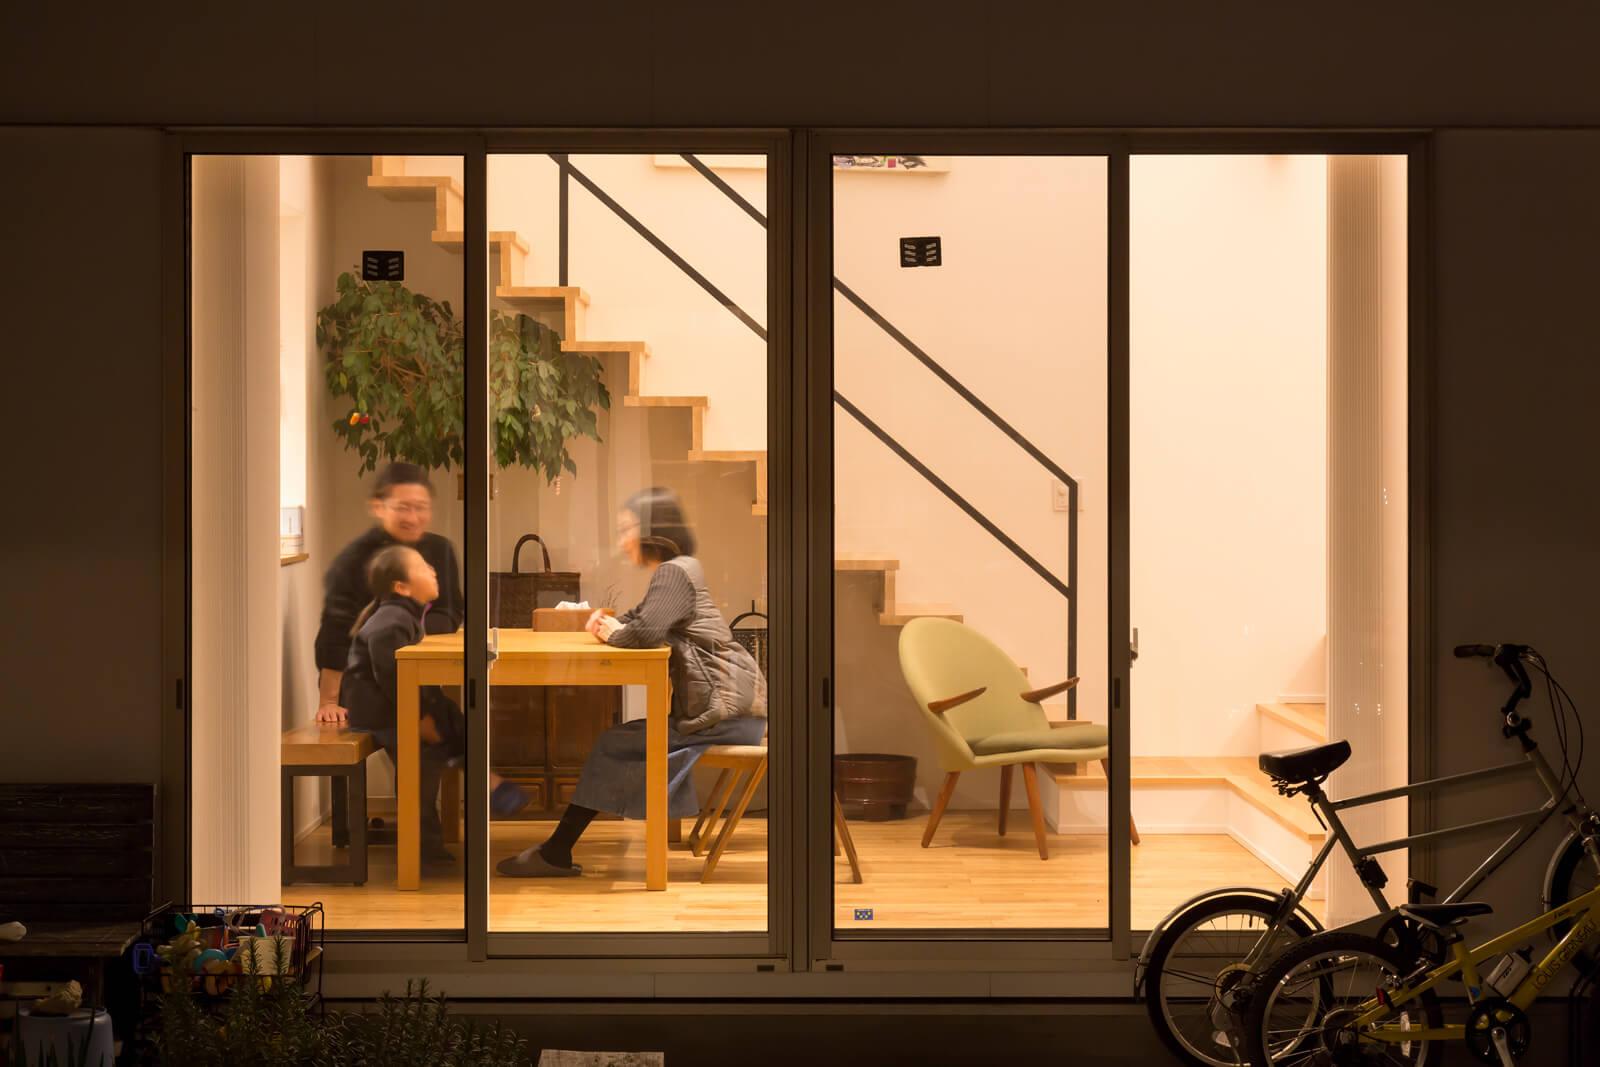 親世帯と子世帯のリビング・ダイニングは、中庭を介して向かい合わせに配置した。窓越しにお互いの様子が感じられて安心